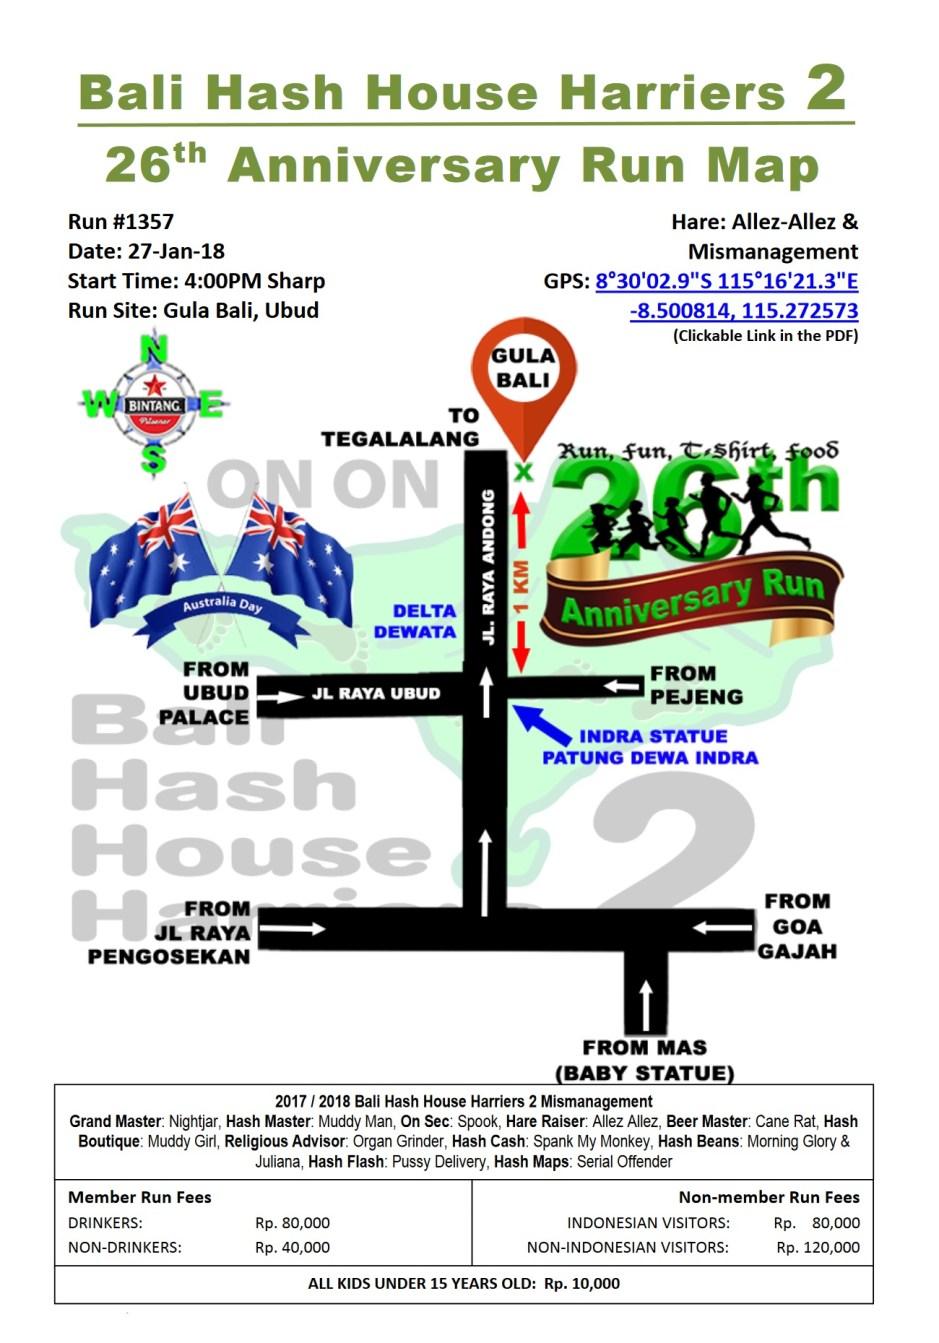 BHHH2 Run 1357 Gula Bali Ubud 27-Jan-18